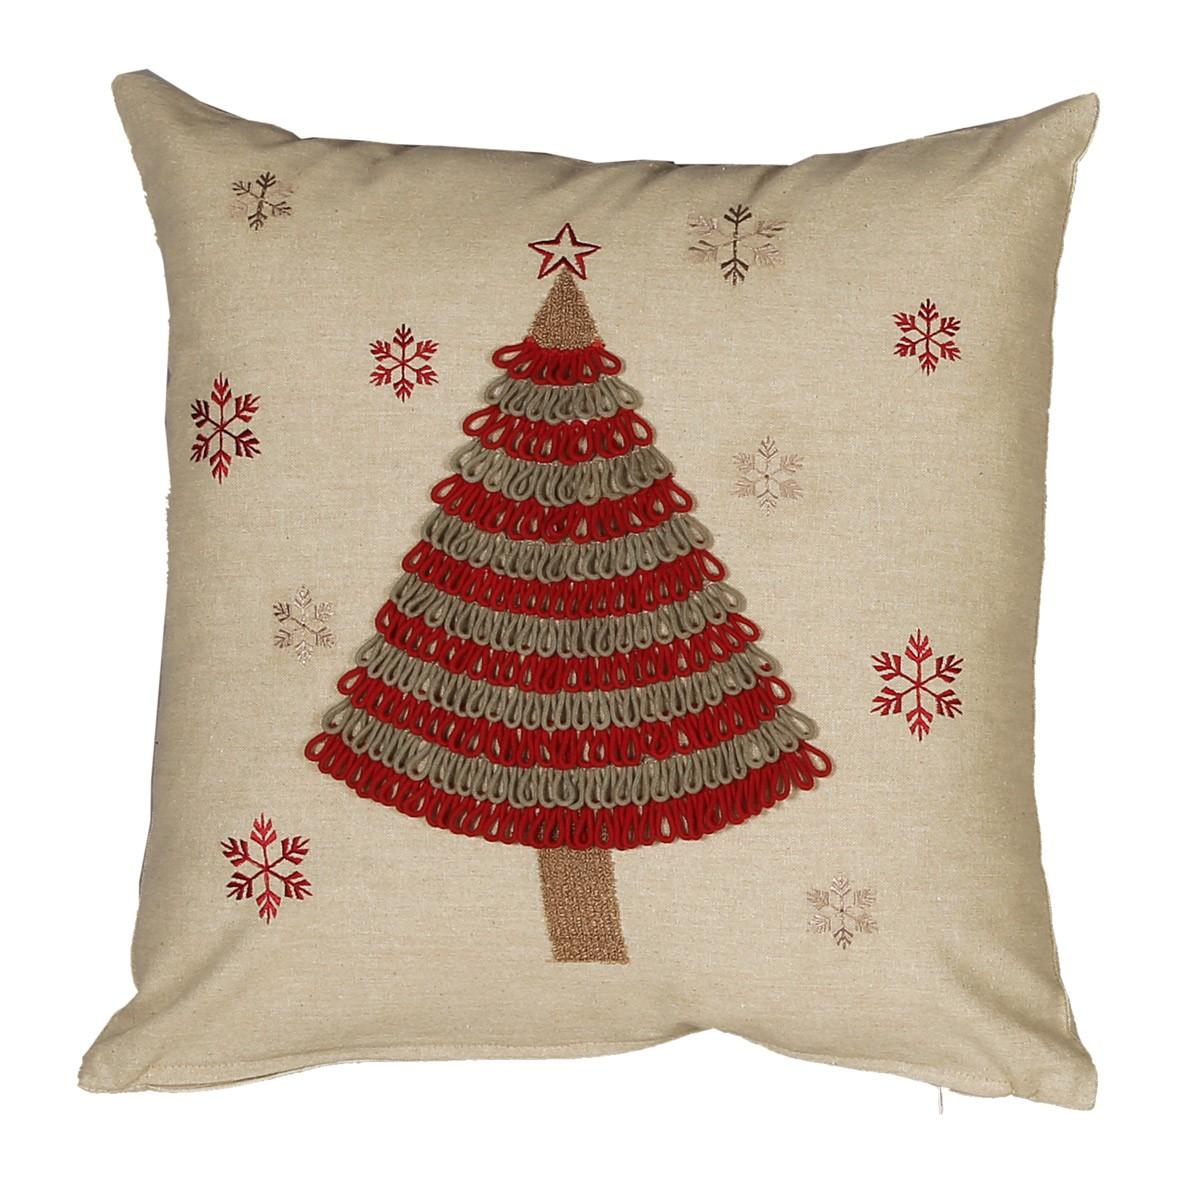 Χριστουγεννιάτικο Μαξιλάρι Nef-Nef Ornate Tree